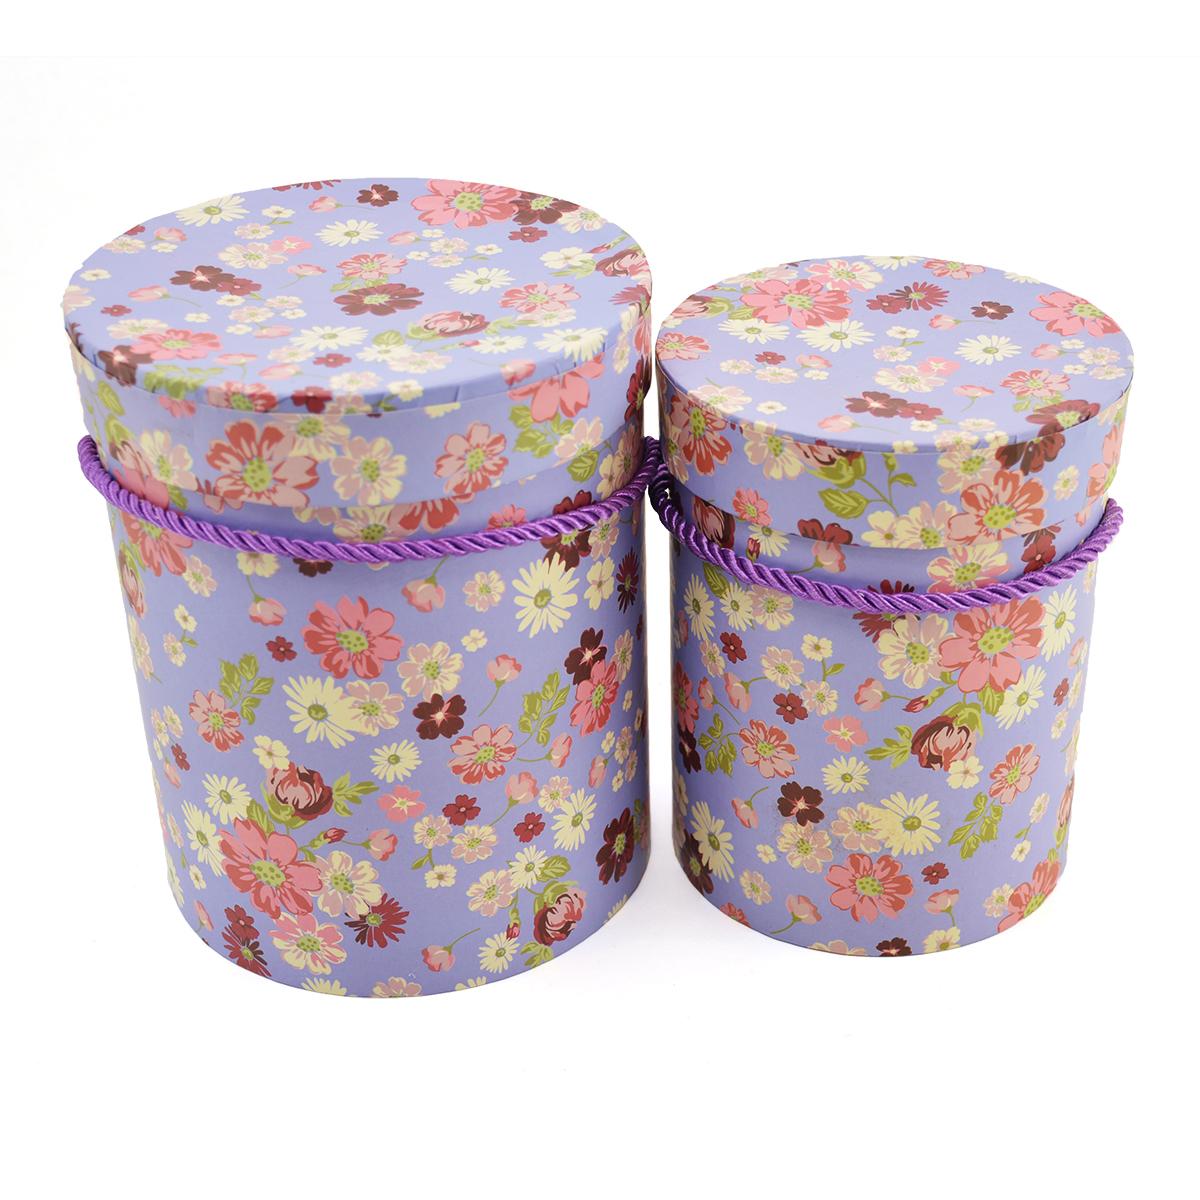 Cutii Set 2 Cilindru Mov cu Floricele - ambalaje si accesorii florale